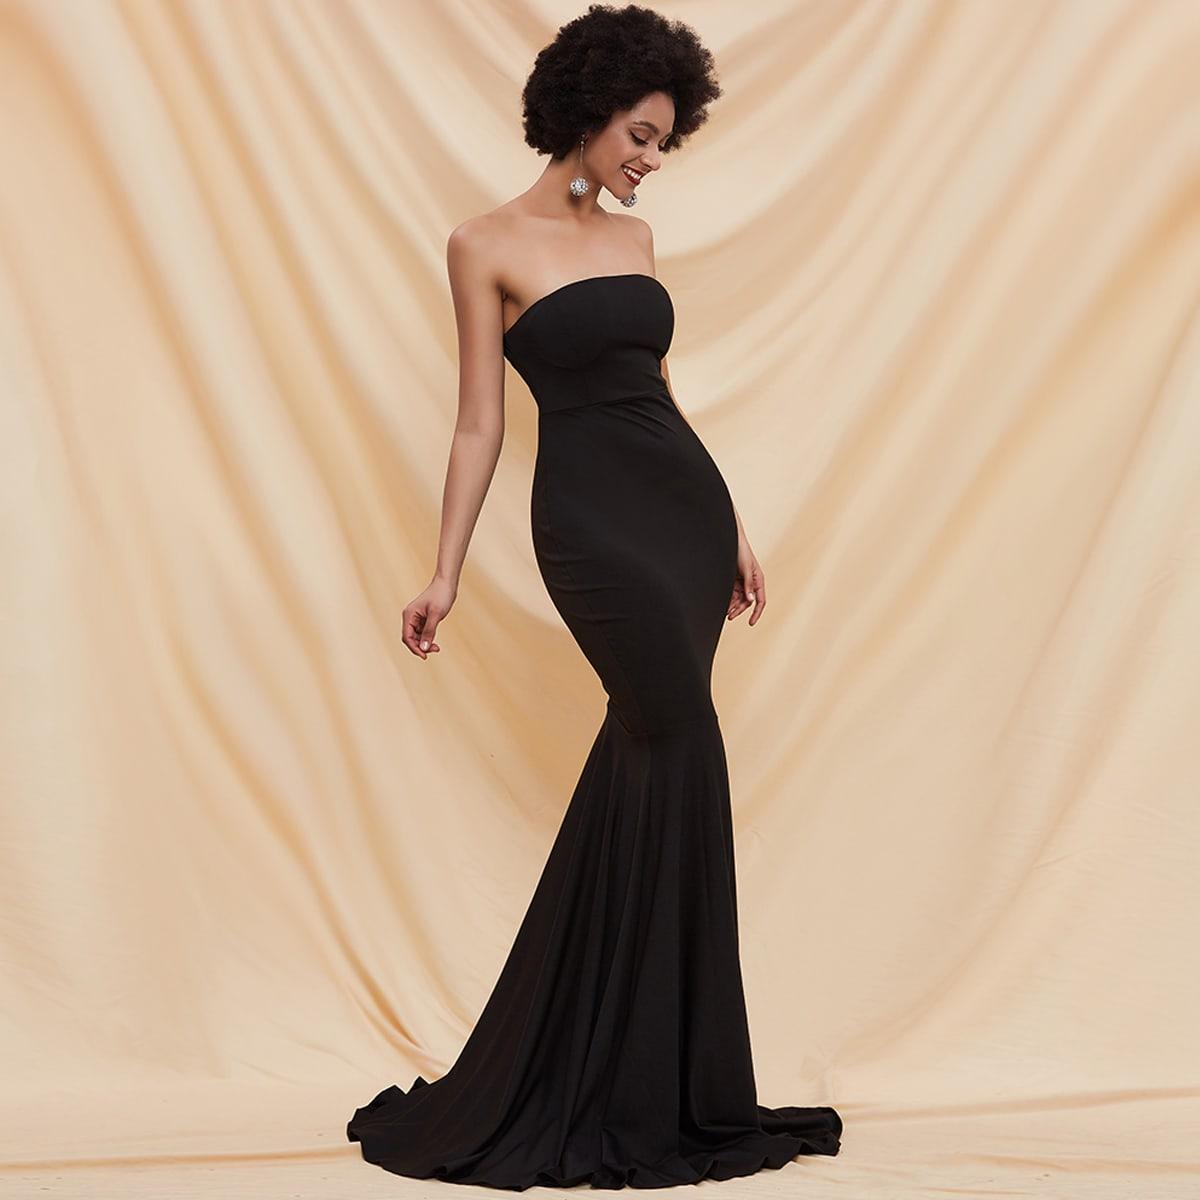 Платье-русалка без бретелек с молнией сзади